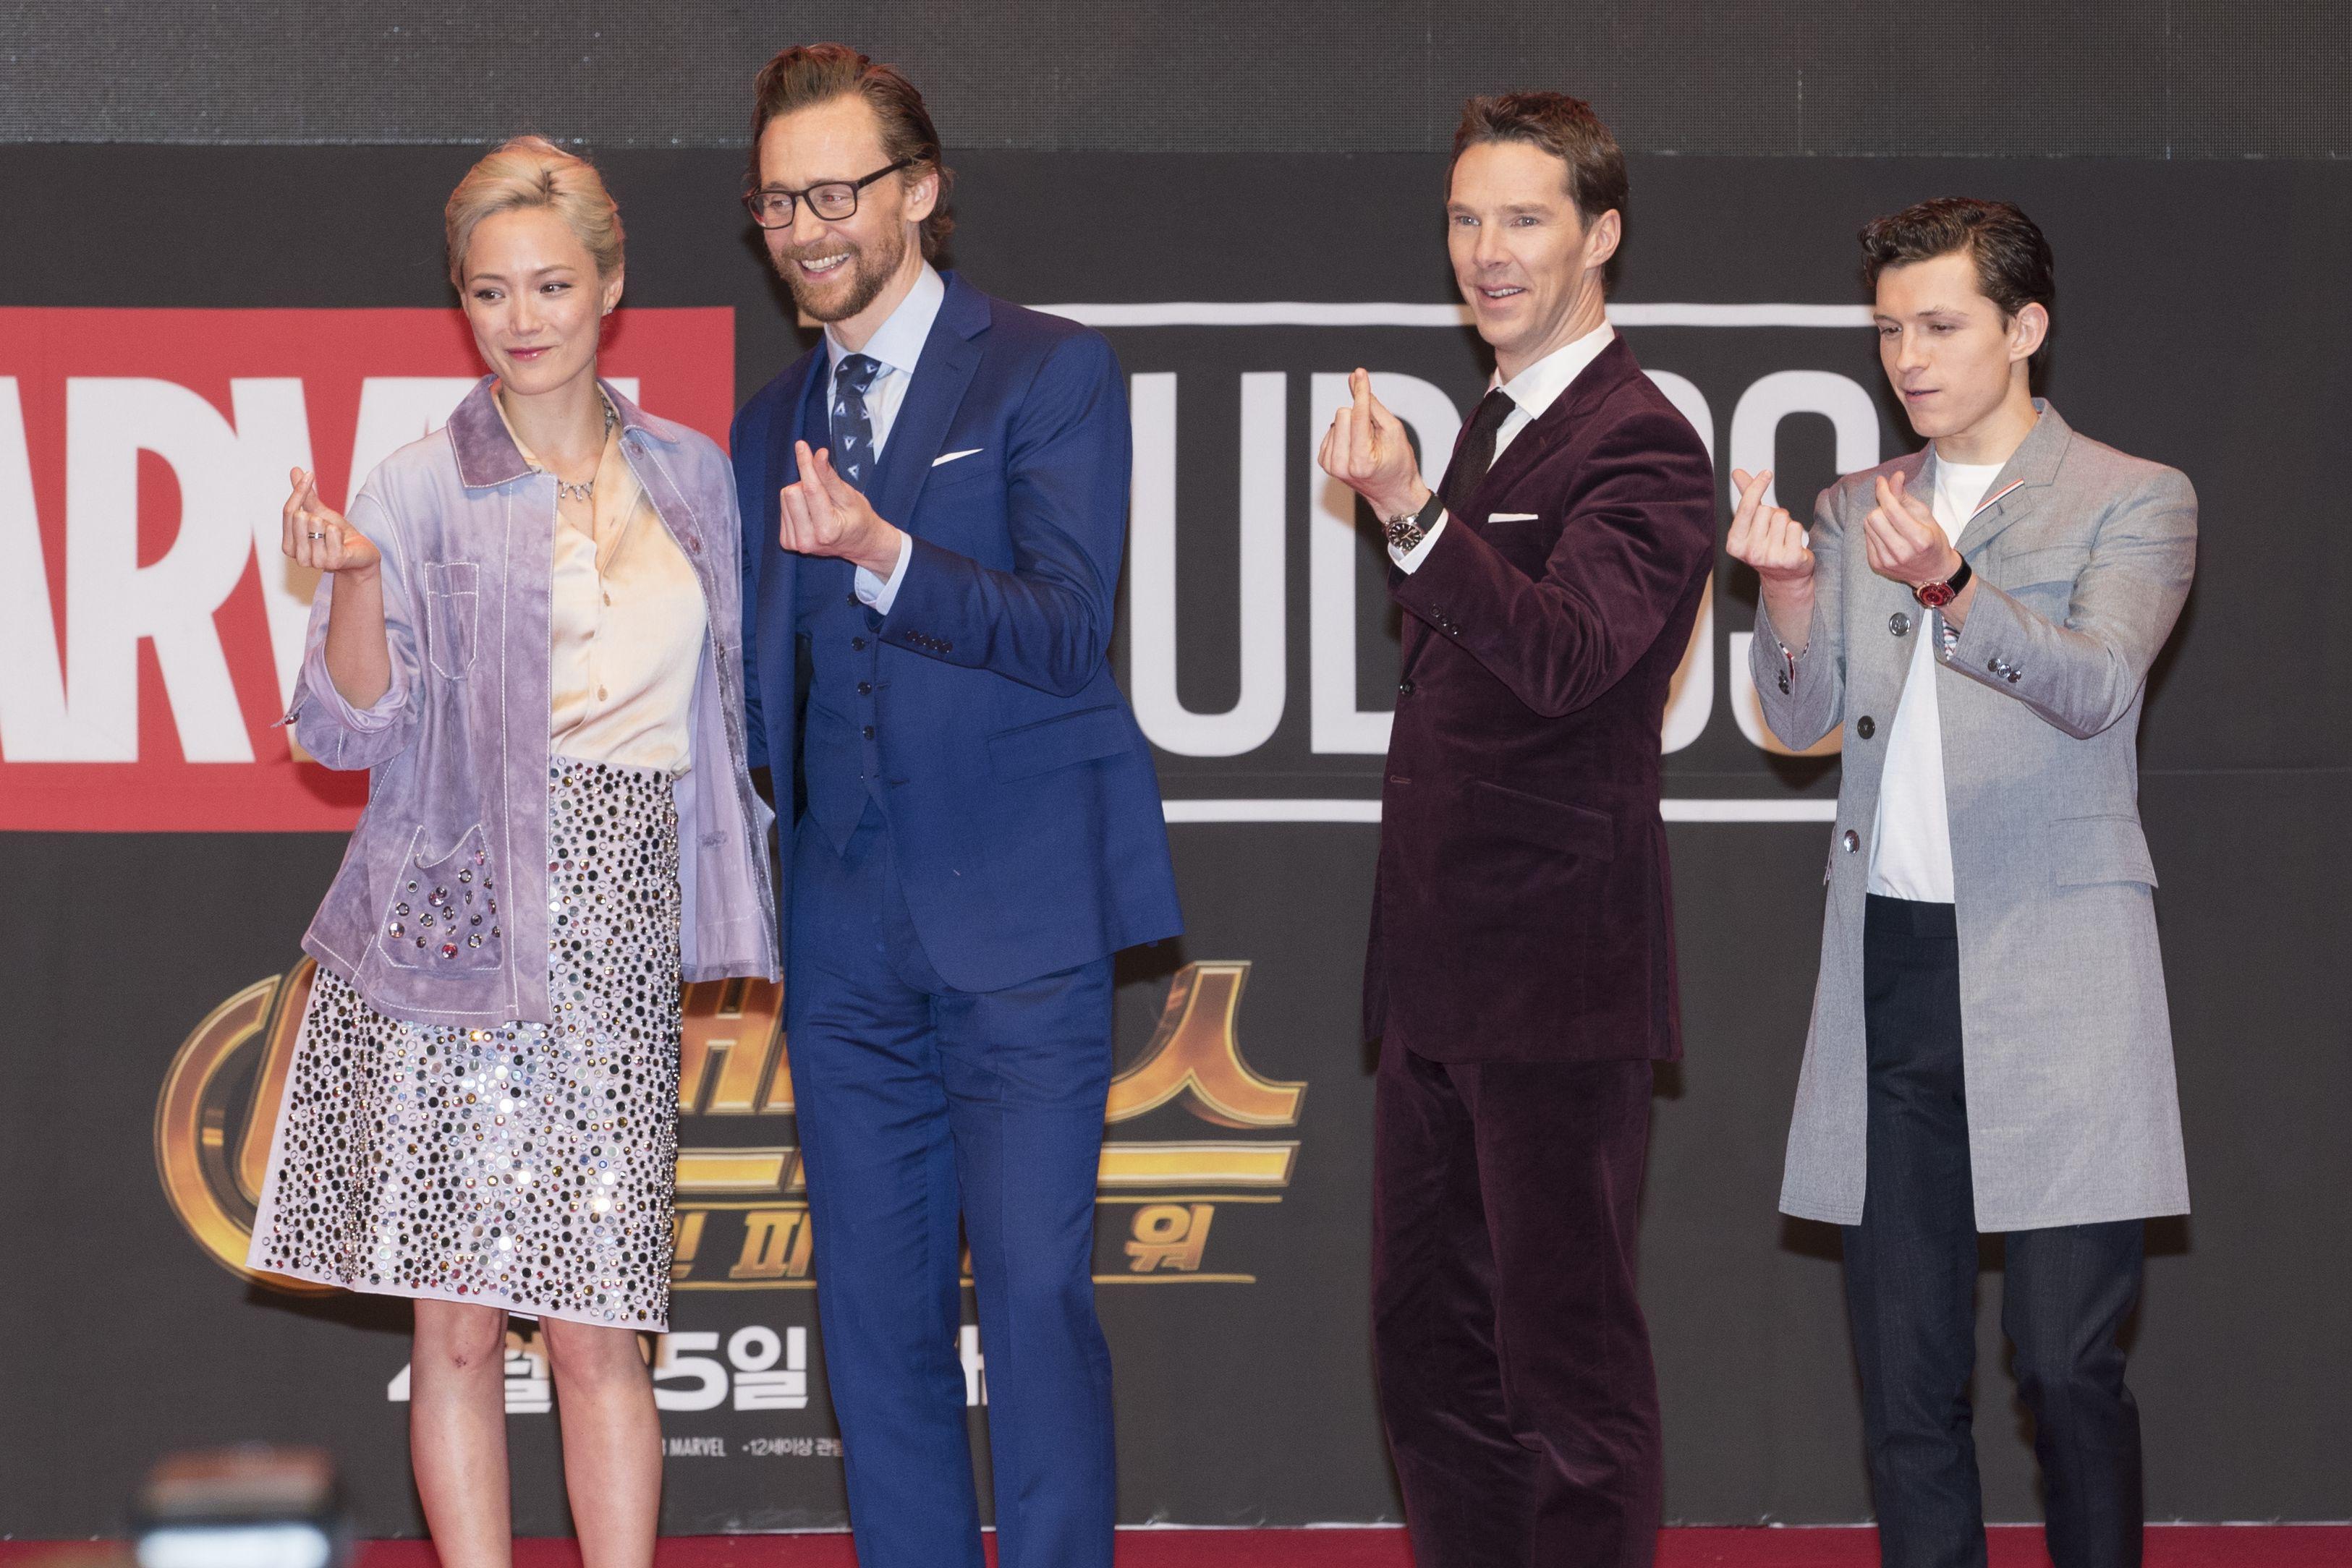 班奈狄克康柏拜區,Benedict Cumberbatch,班尼狄克,手指愛心,奇異博士